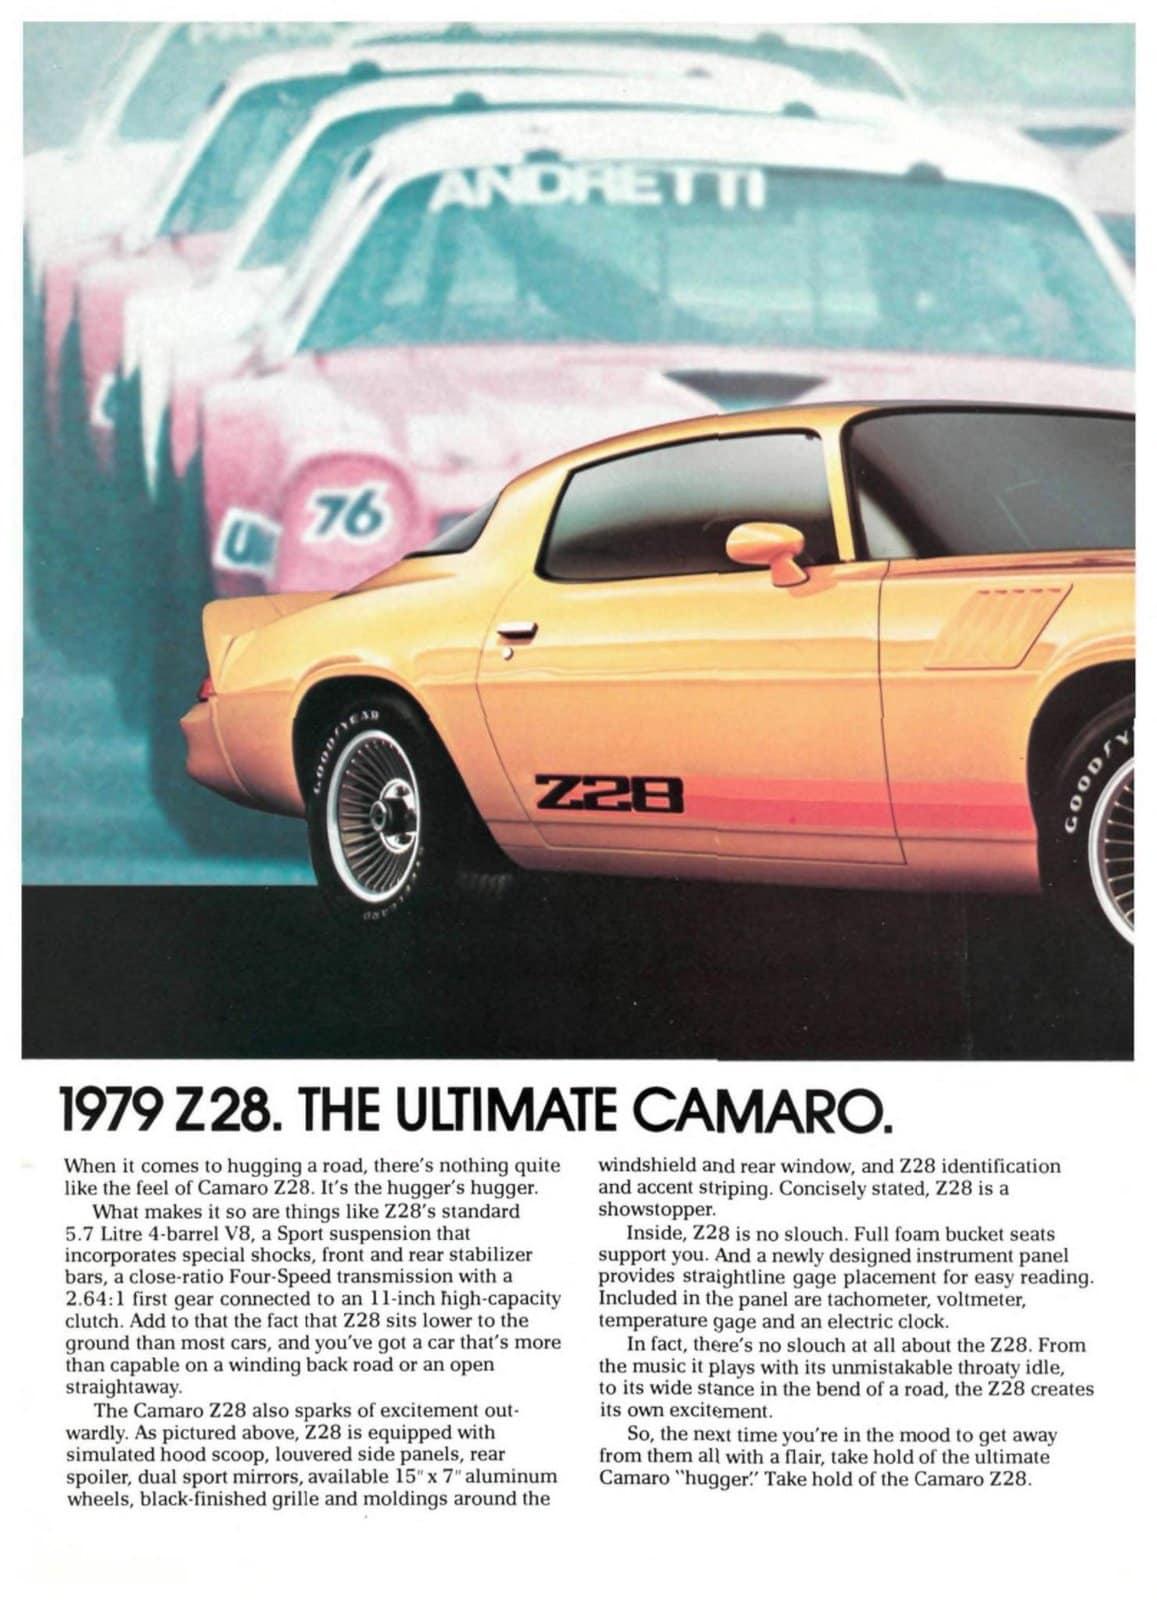 1979 Z28 - The Ultimate Camaro (1)